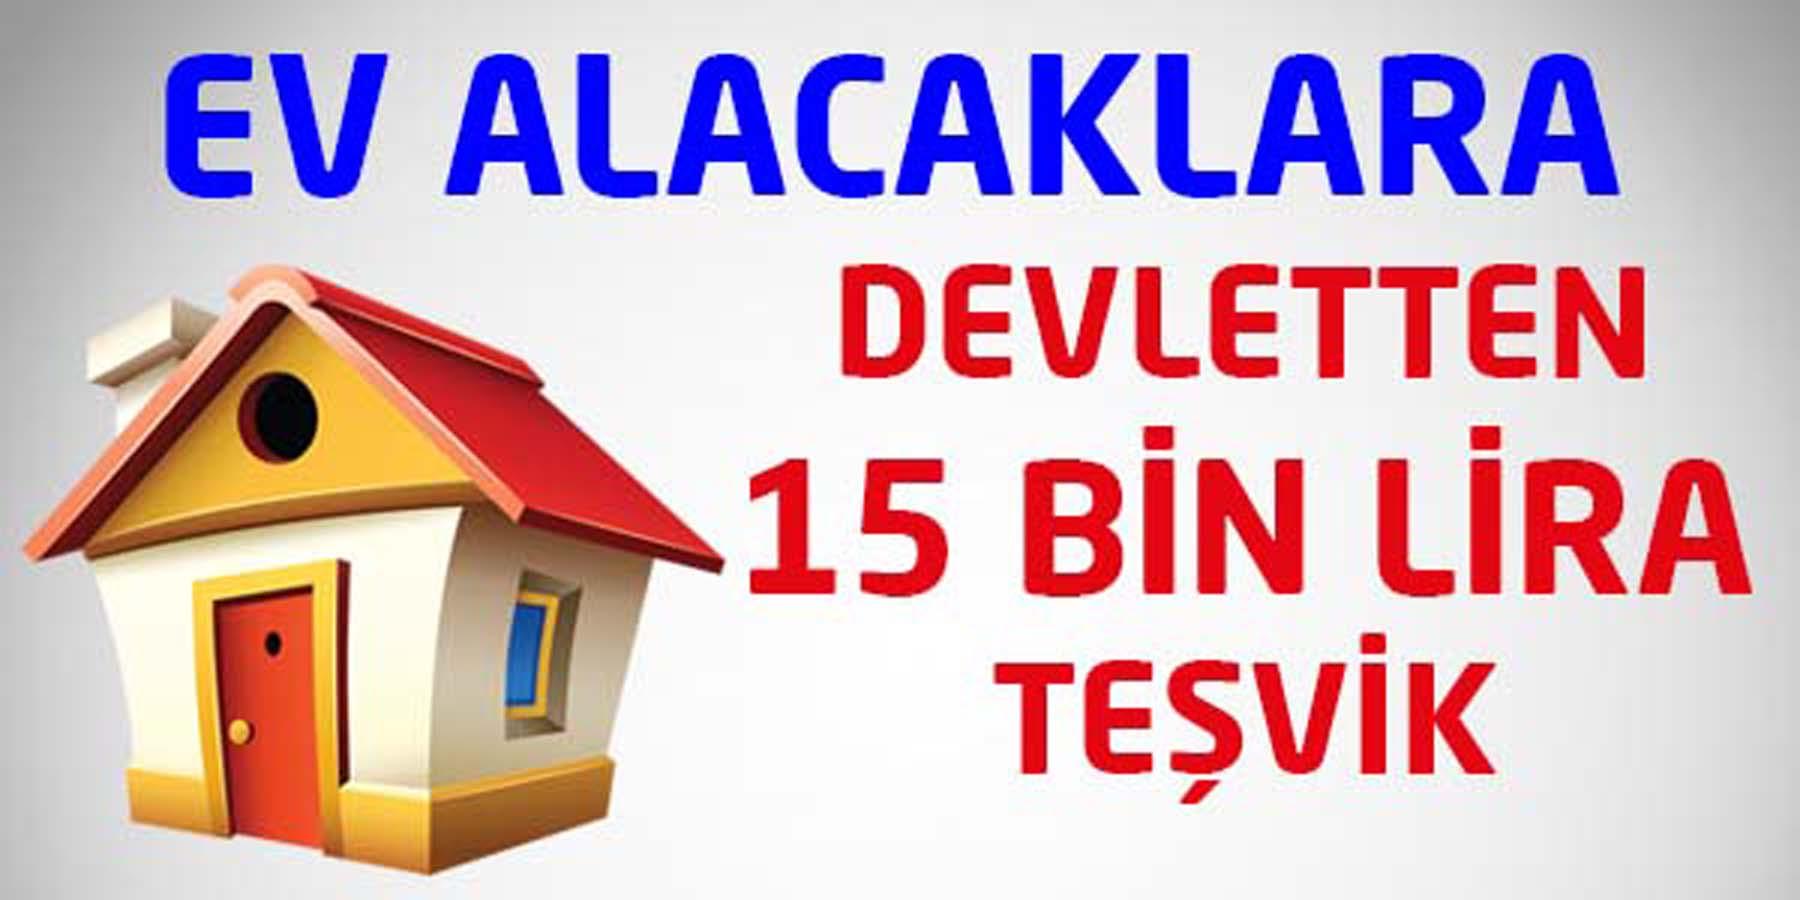 Ev Alacaklara Devletten 15 Bin TL Destek